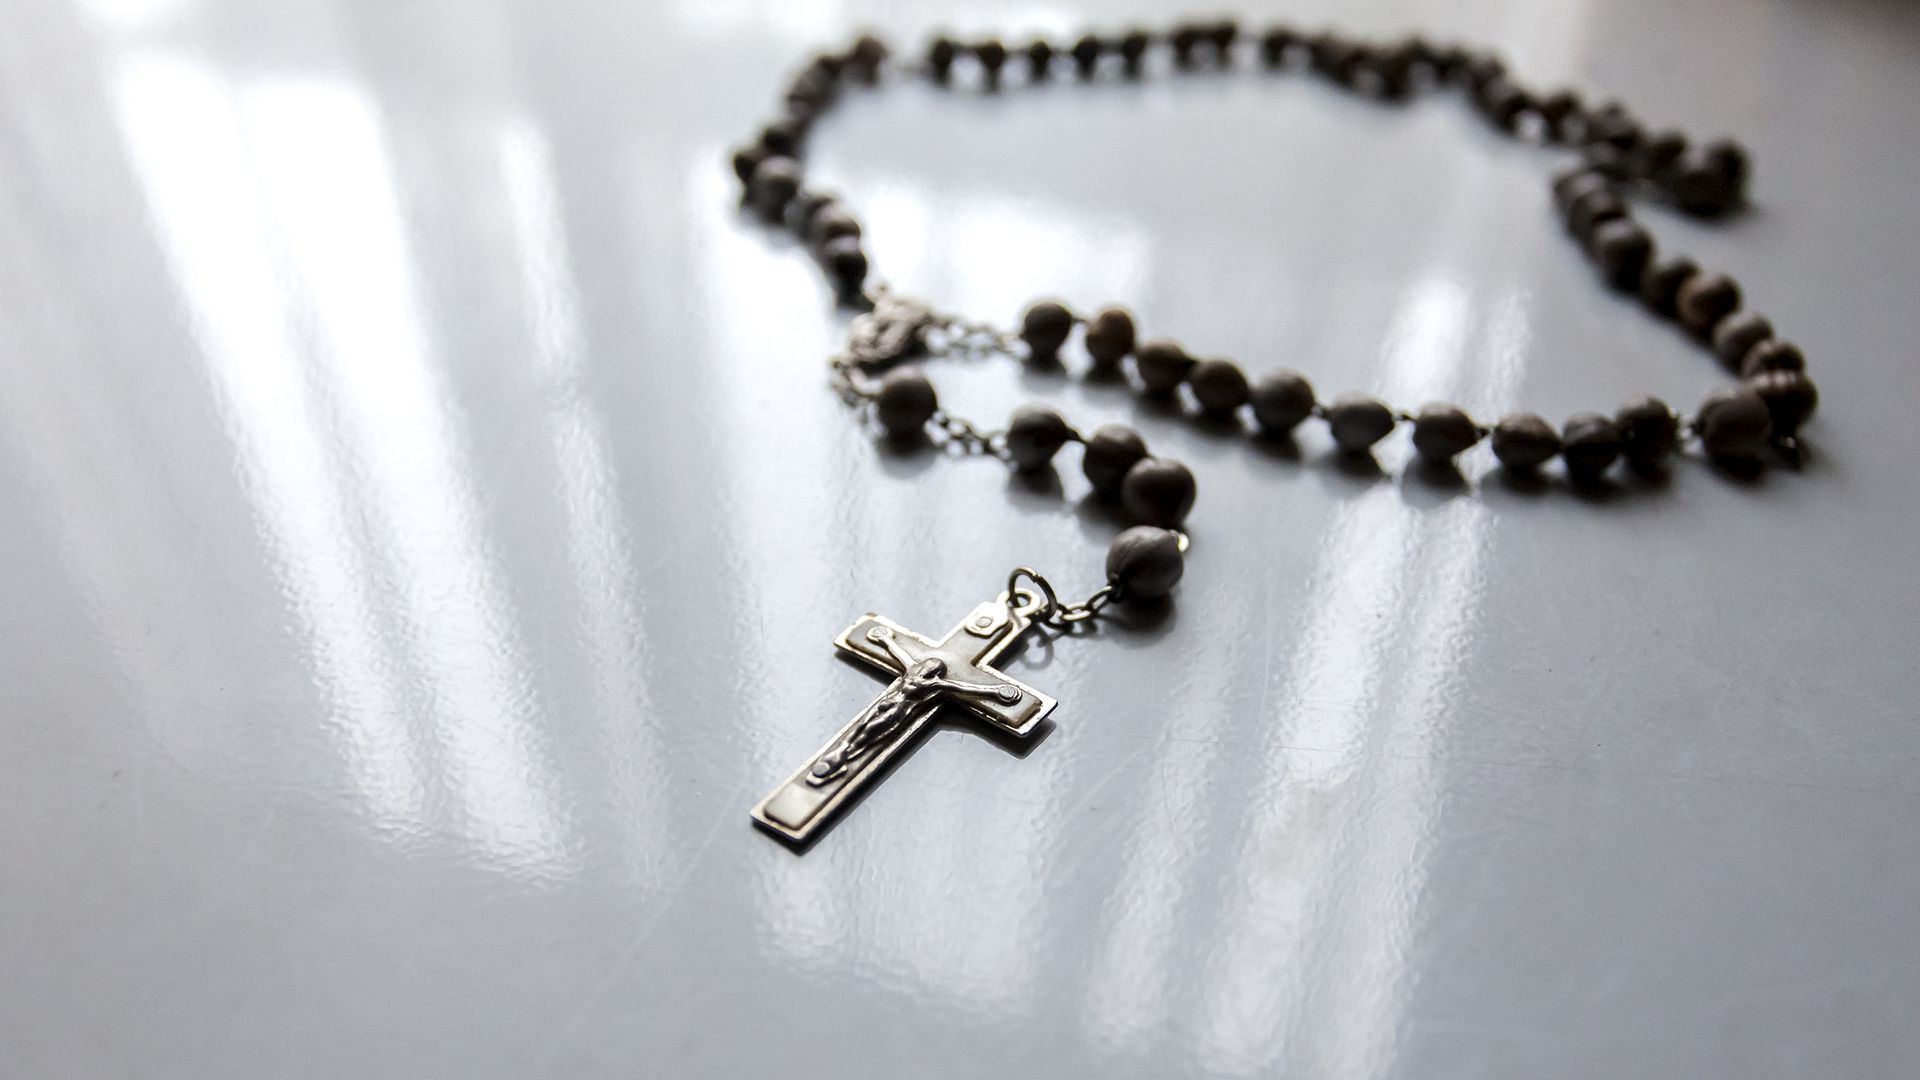 A rosary